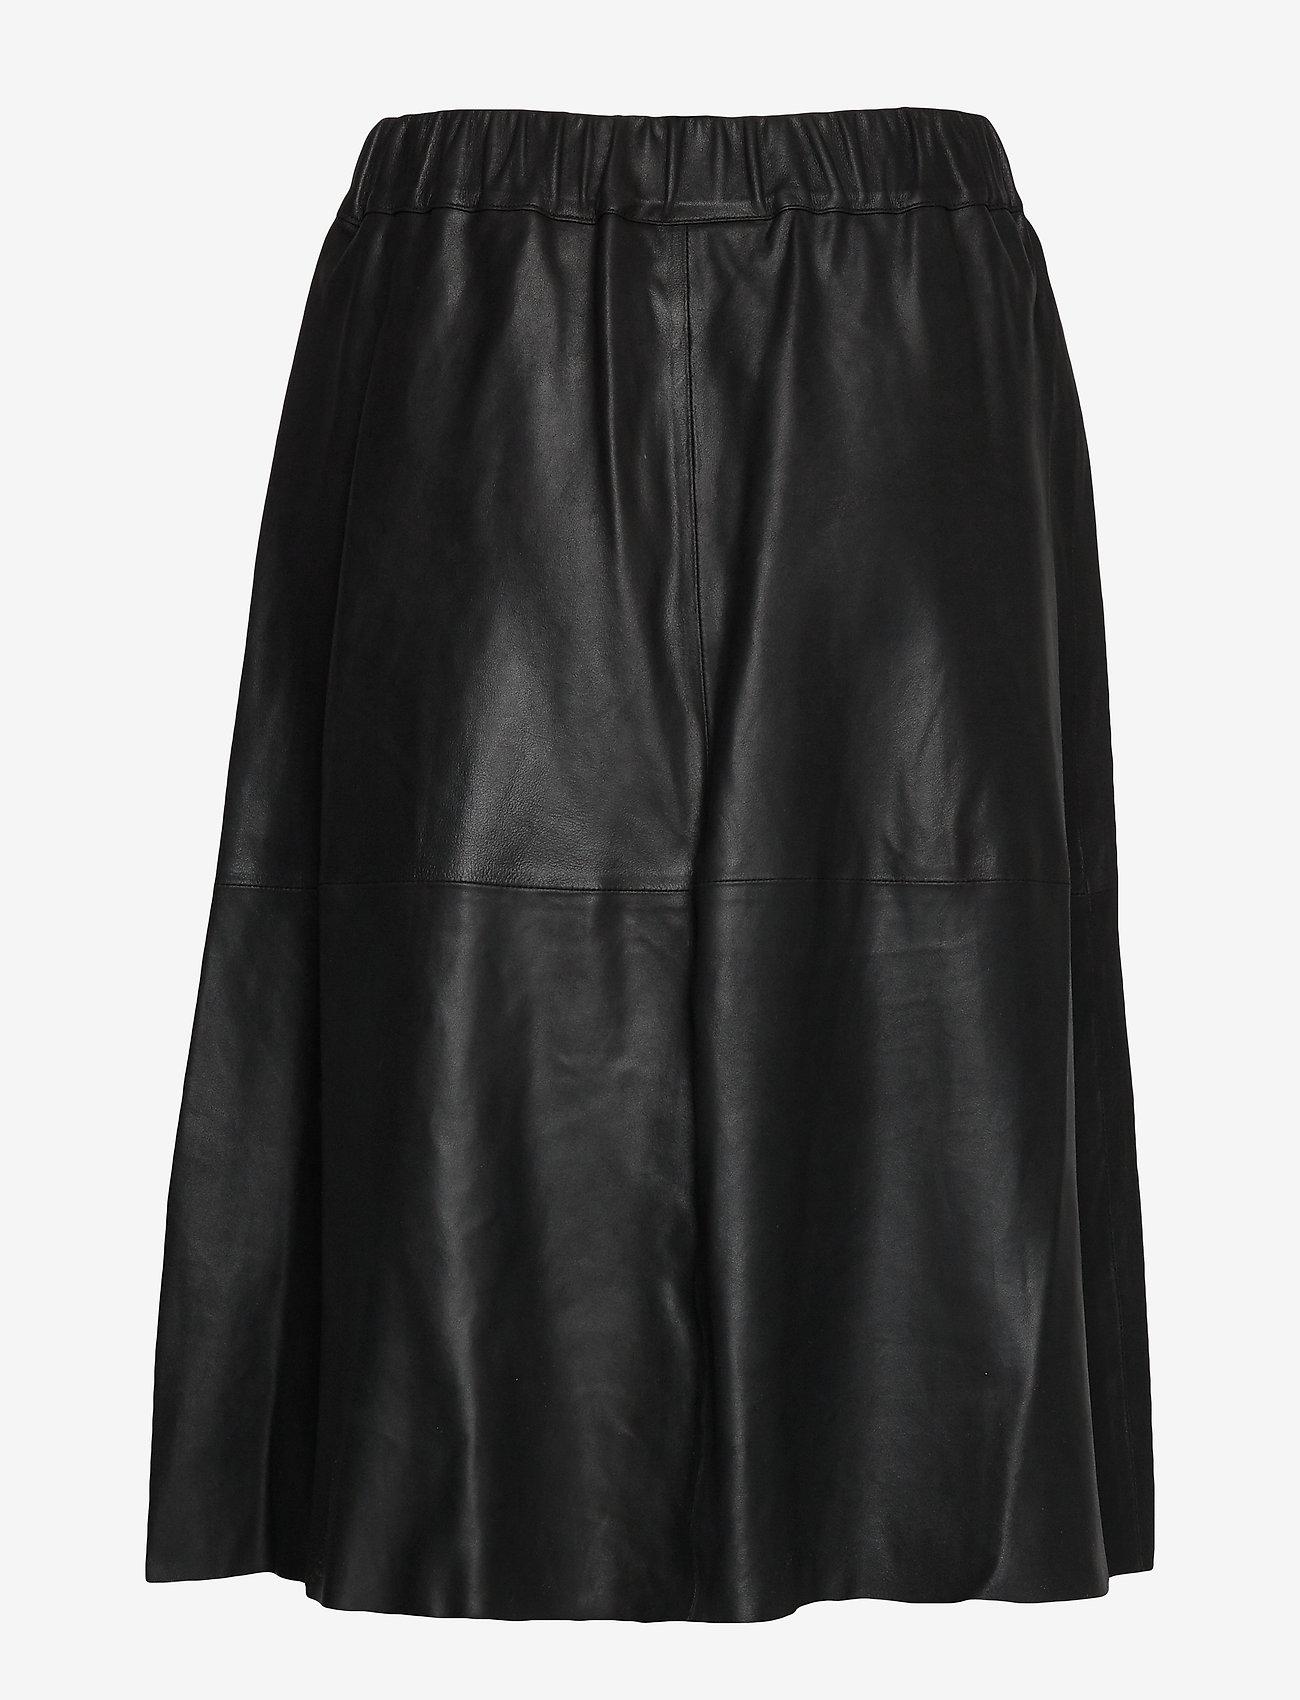 DEPECHE - Skirt - jupes midi - black - 1